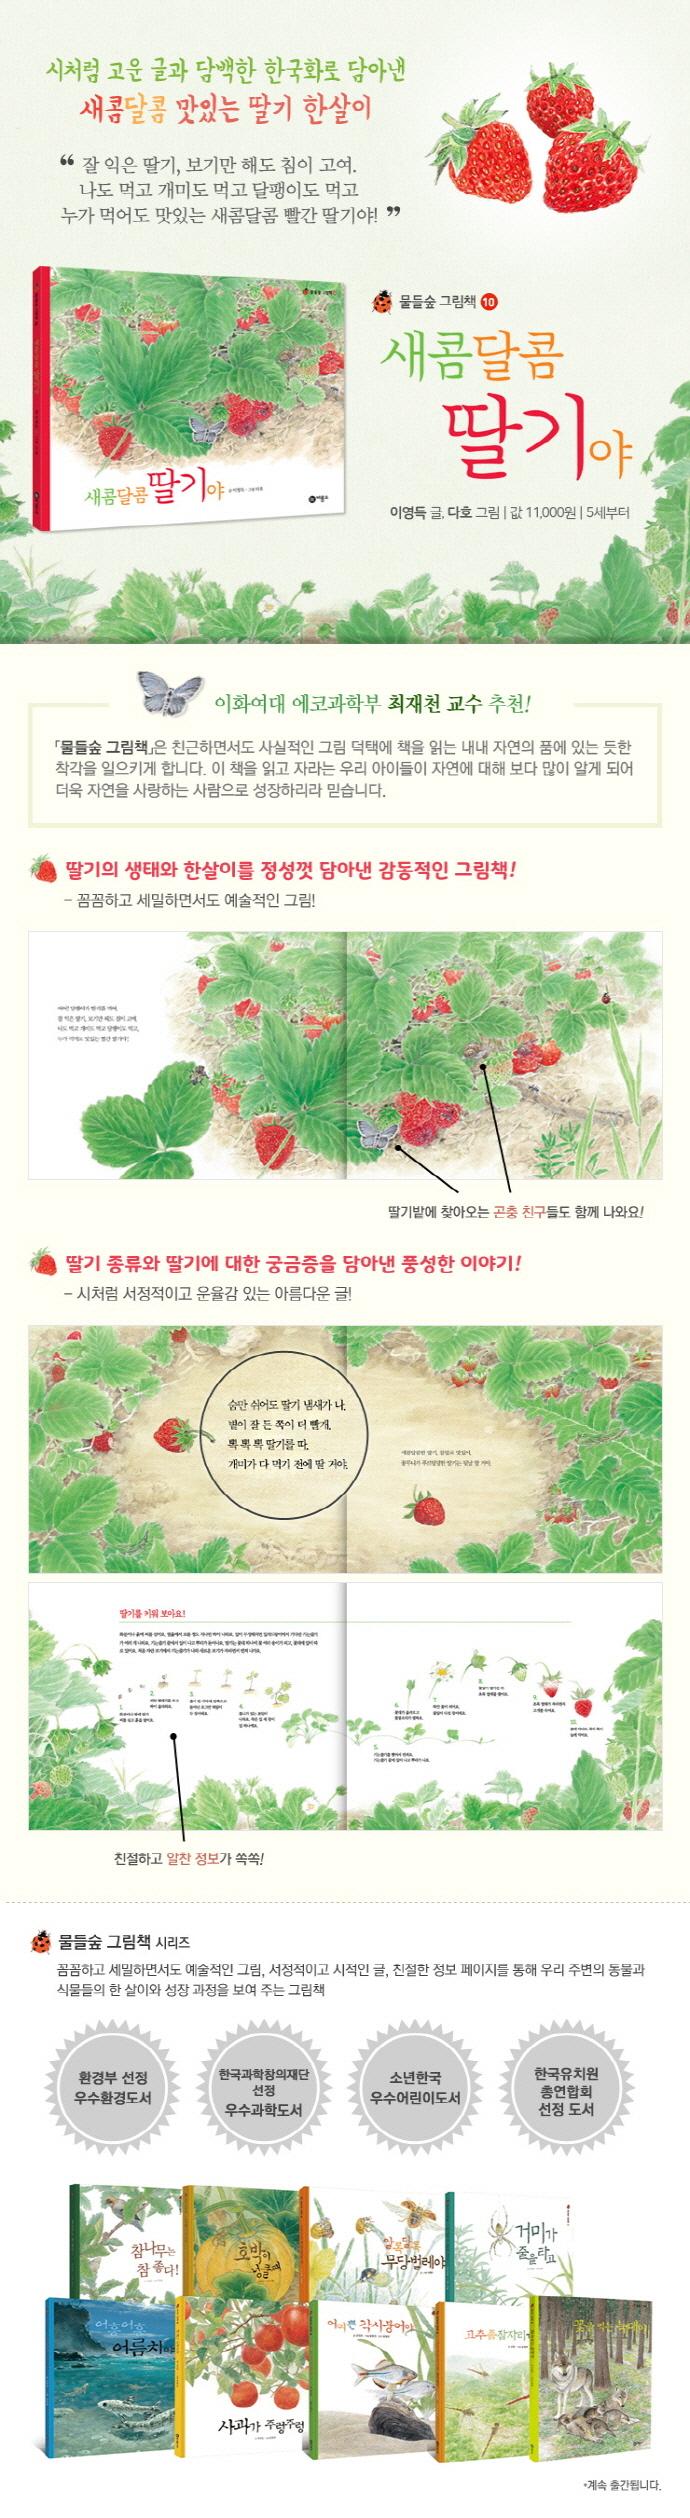 새콤달콤 딸기야(물들숲그림책 10)(양장본 HardCover) 도서 상세이미지